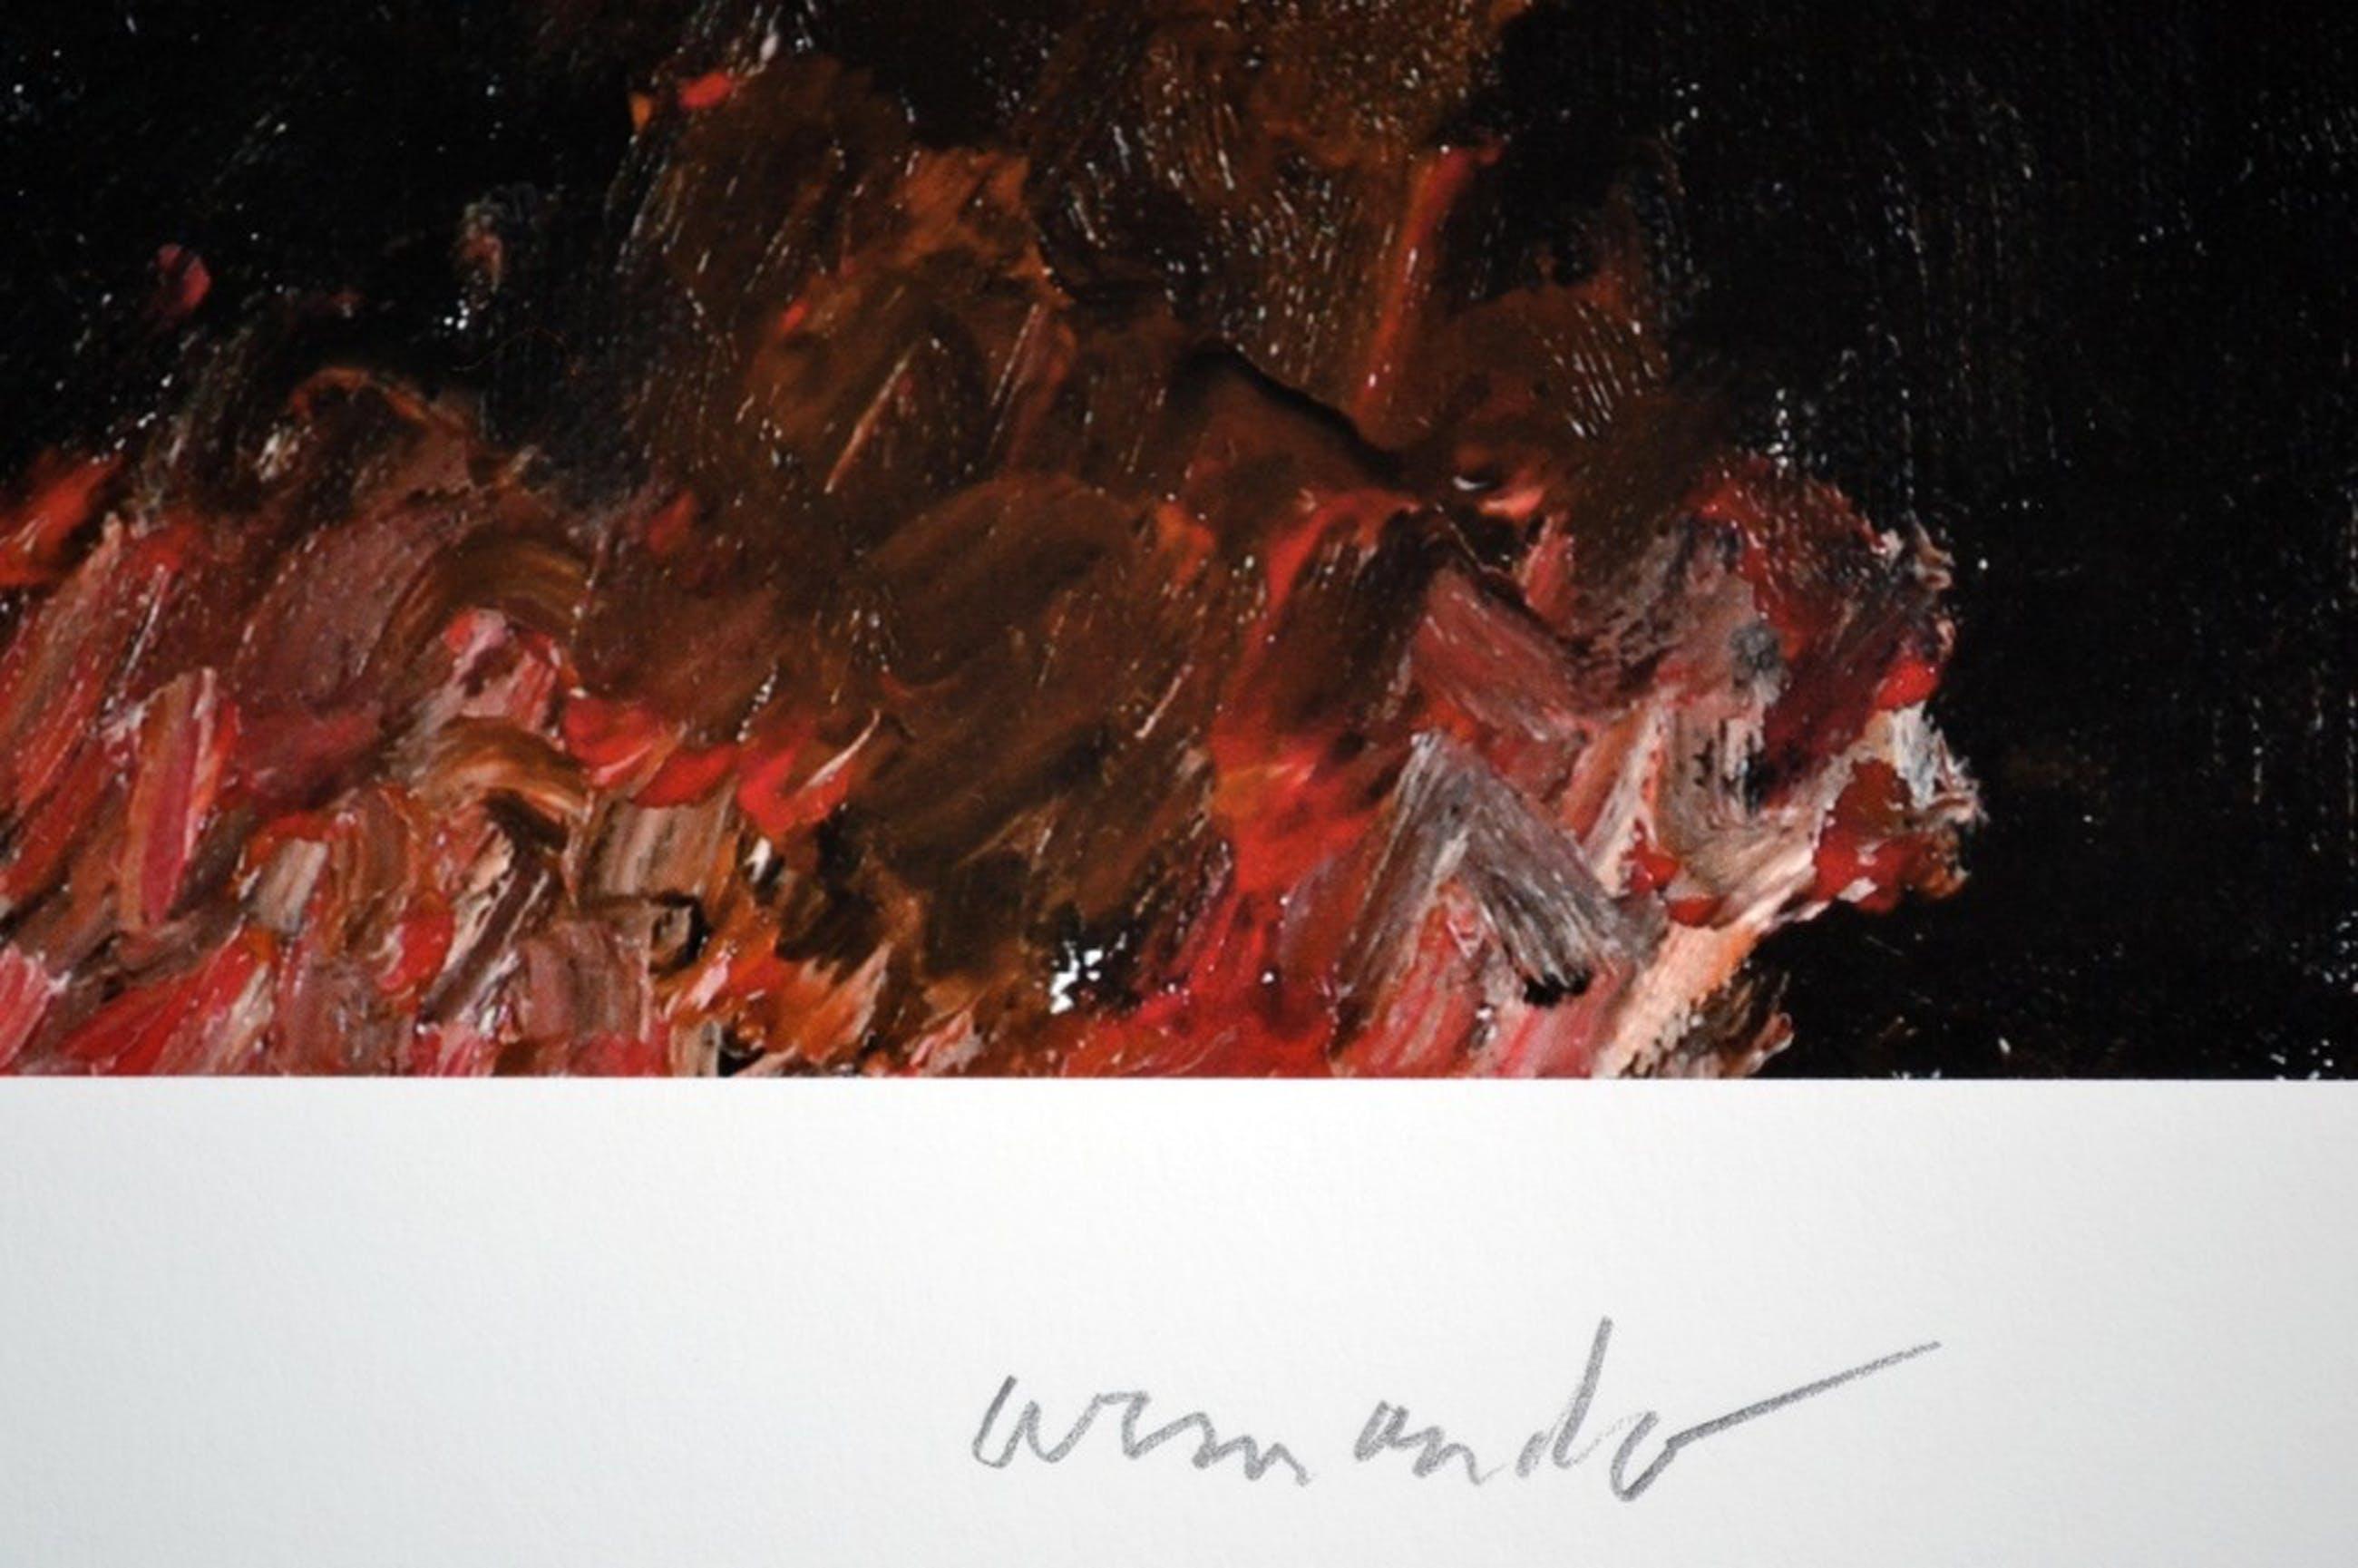 Collectie van 3 Armando giclees - gesigneerd - oplage 50 - 2013 kopen? Bied vanaf 450!